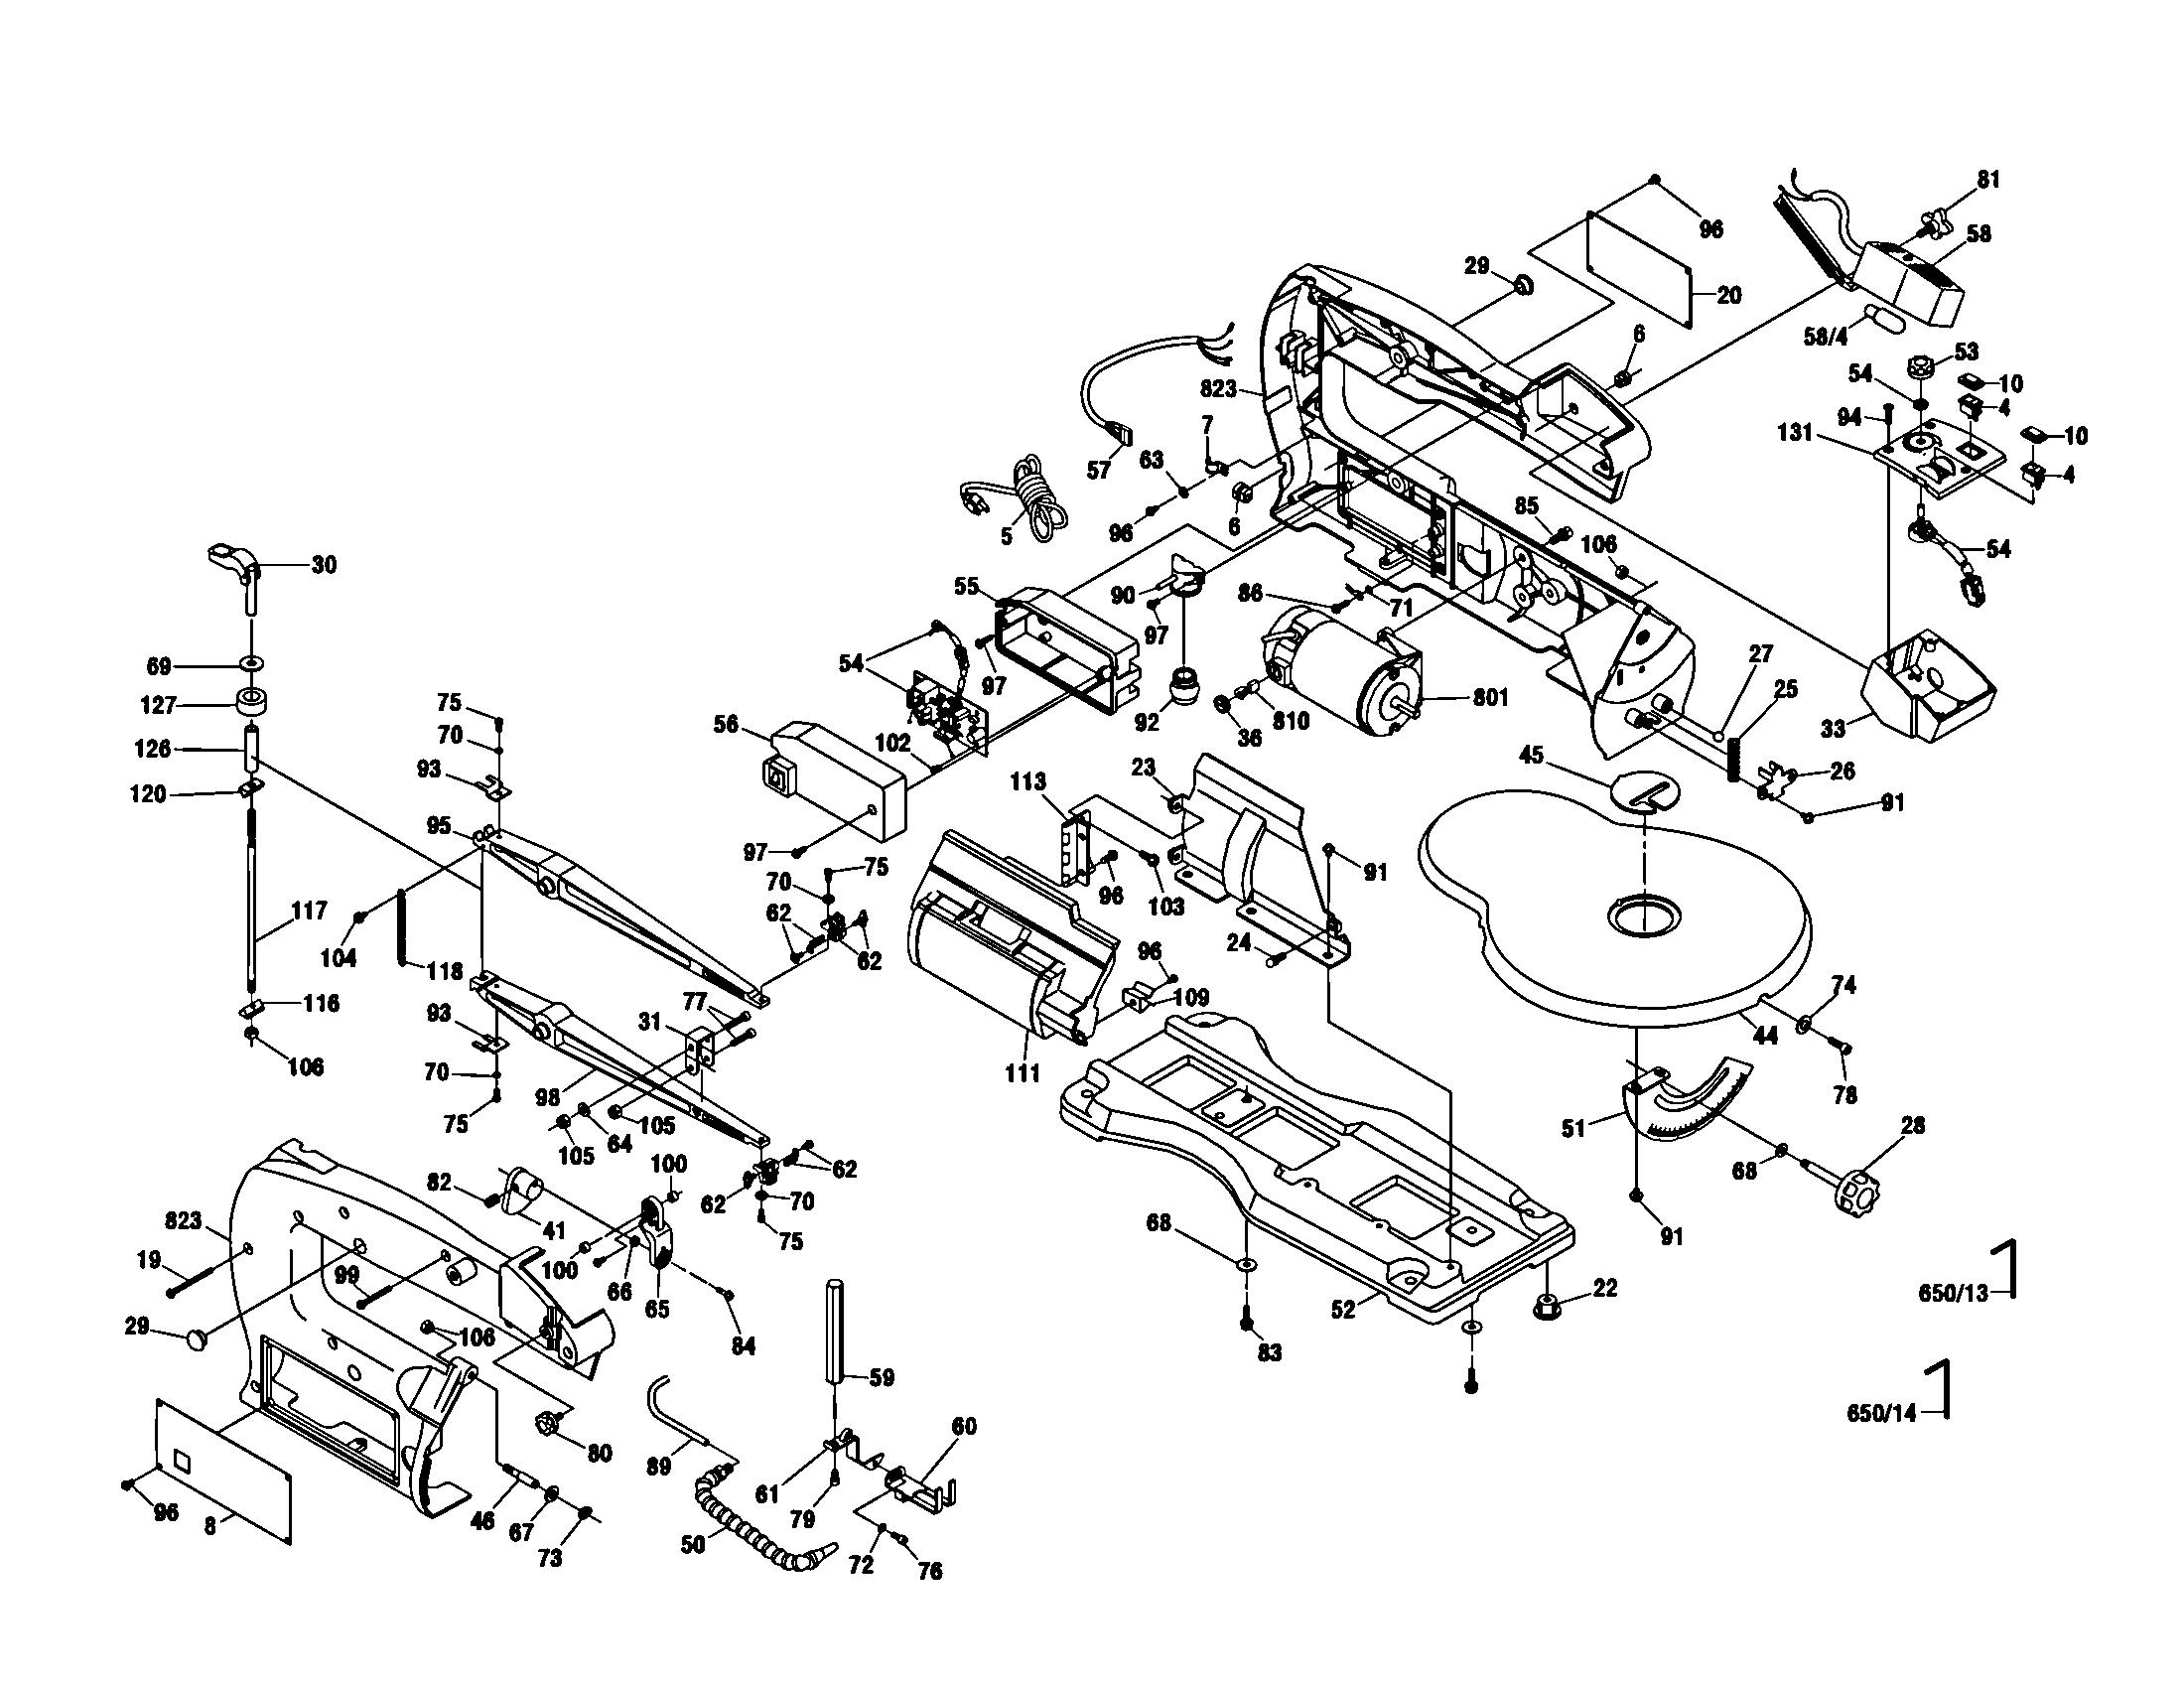 ryobi 405mm scroll saw manual